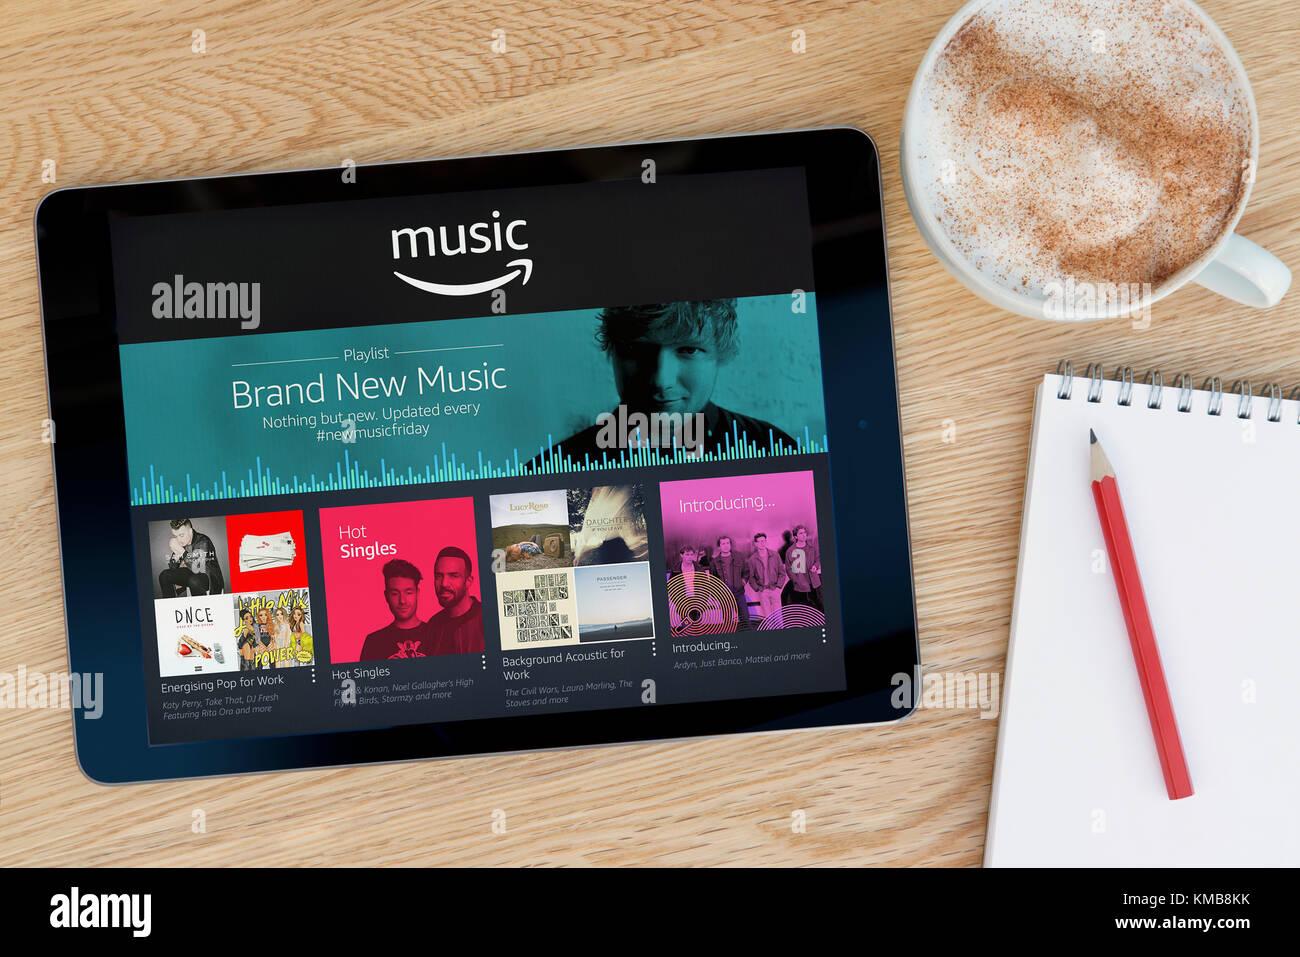 L'Amazon app Musique dispose sur un iPad tablet device qui repose sur une table en bois à côté Photo Stock